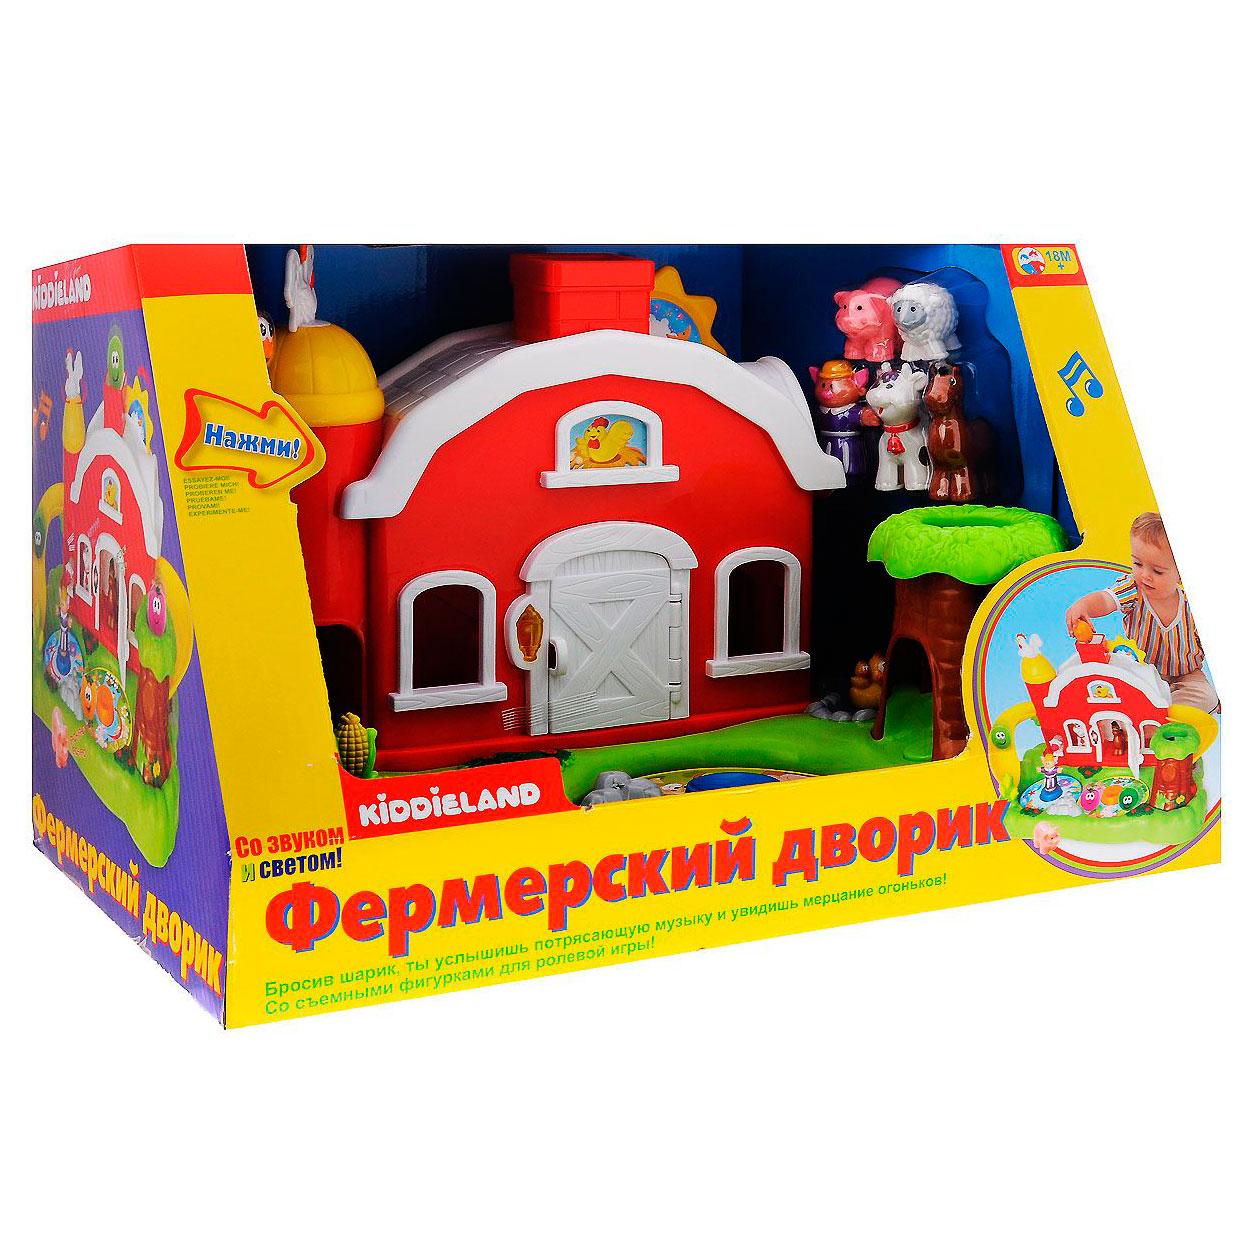 Развивающая игрушка Kiddieland Фермерский дворик<br>